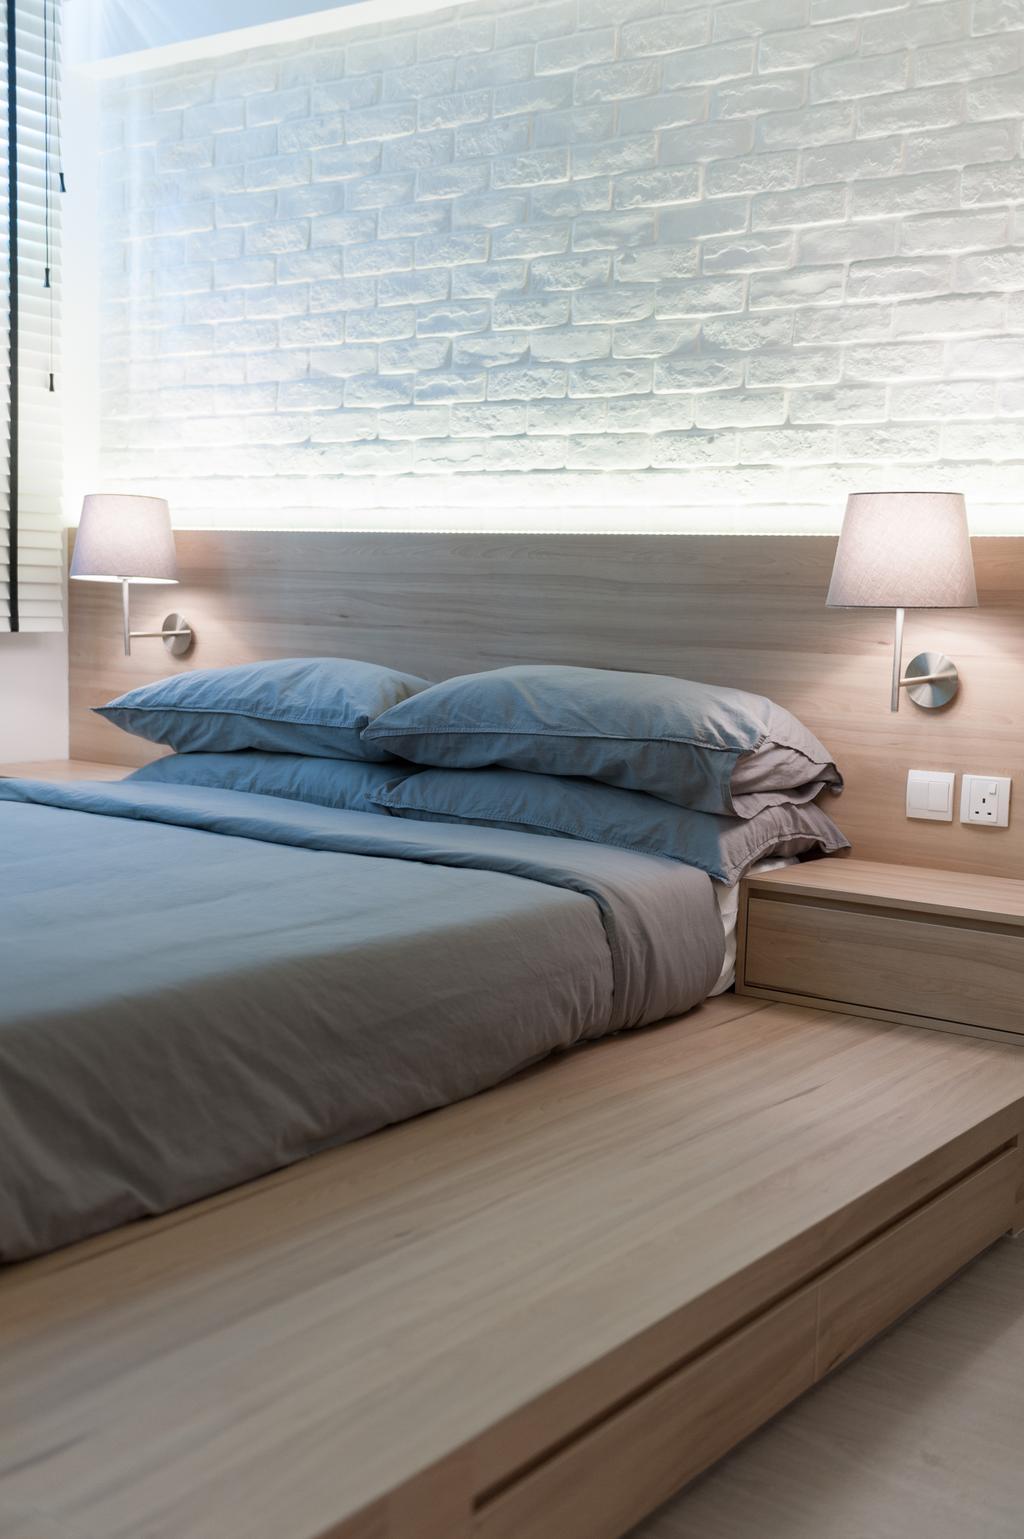 Geylang Road, Commercial, Interior Designer, MMJ Design Loft, Bed, Furniture, Lamp